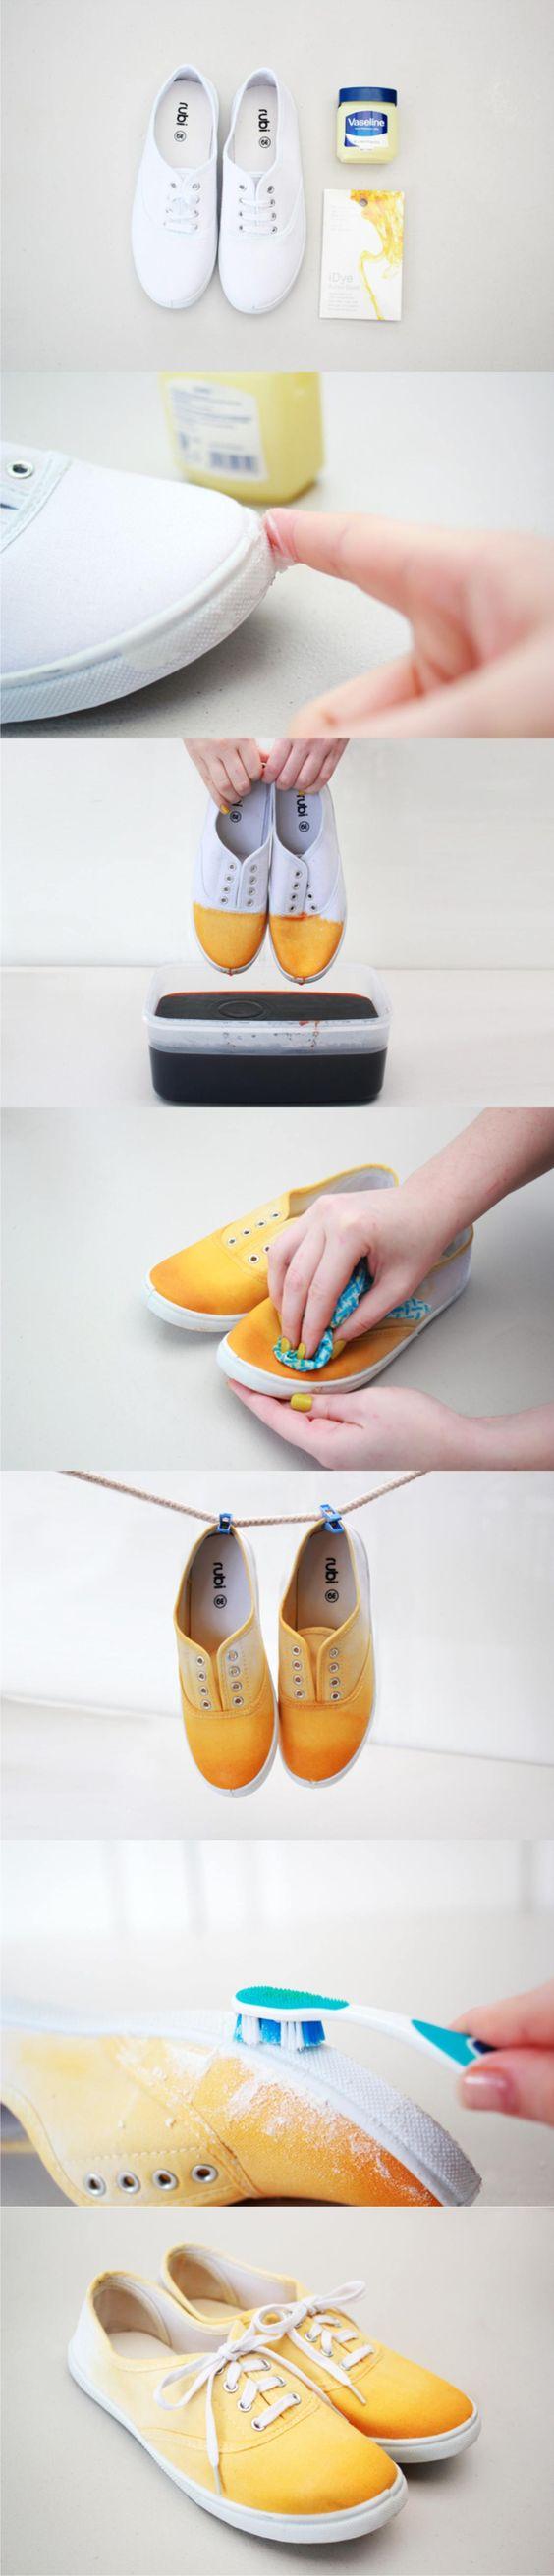 Personaliza tus zapatillas con un degradado de color